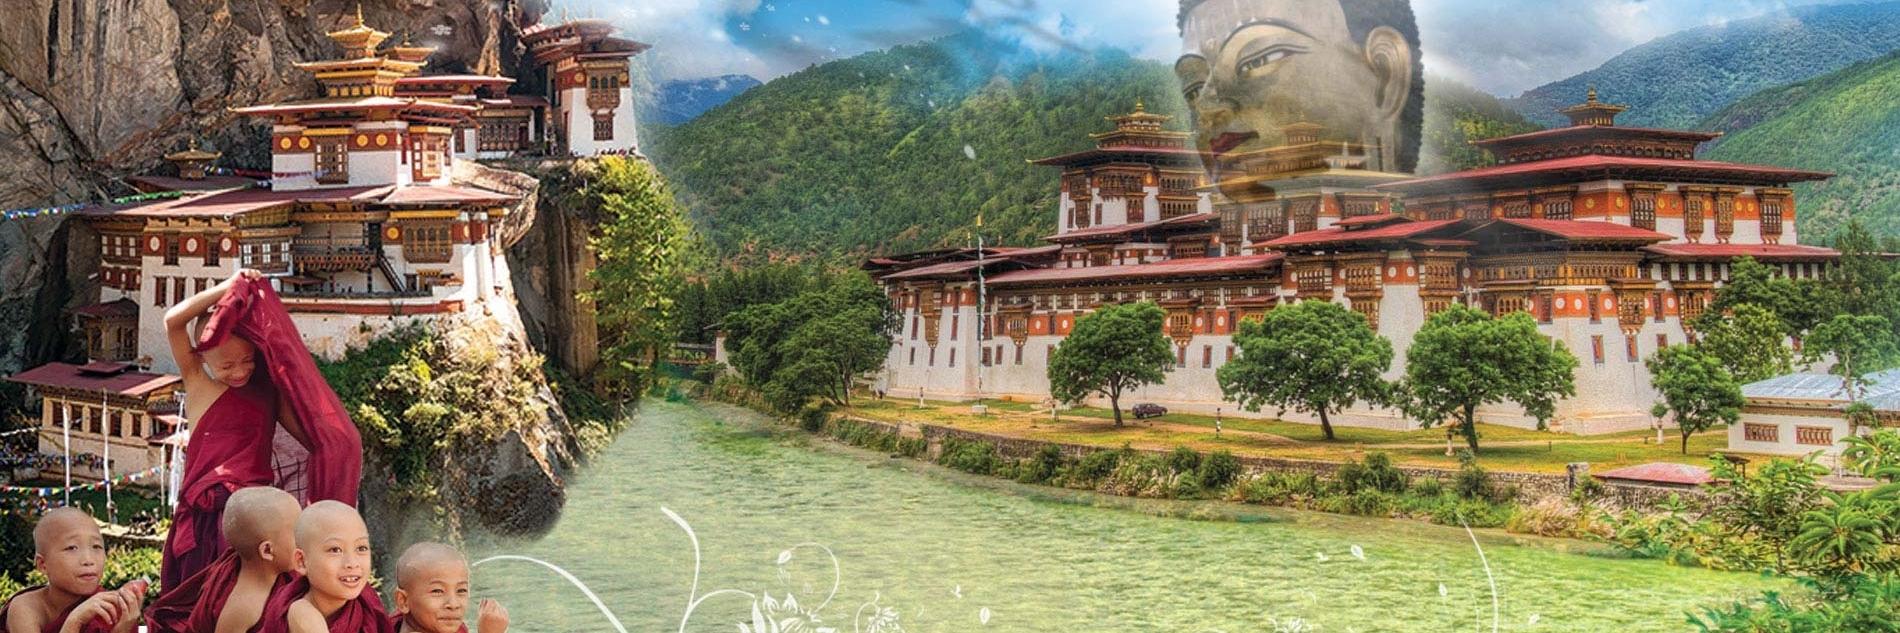 https://gody.vn/blog/hanguyen101043/post/cam-nang-du-lich-thimphu-bhutan-kham-pha-nhung-ky-quan-linh-thieng-ki-vi-va-huyen-bi-5908